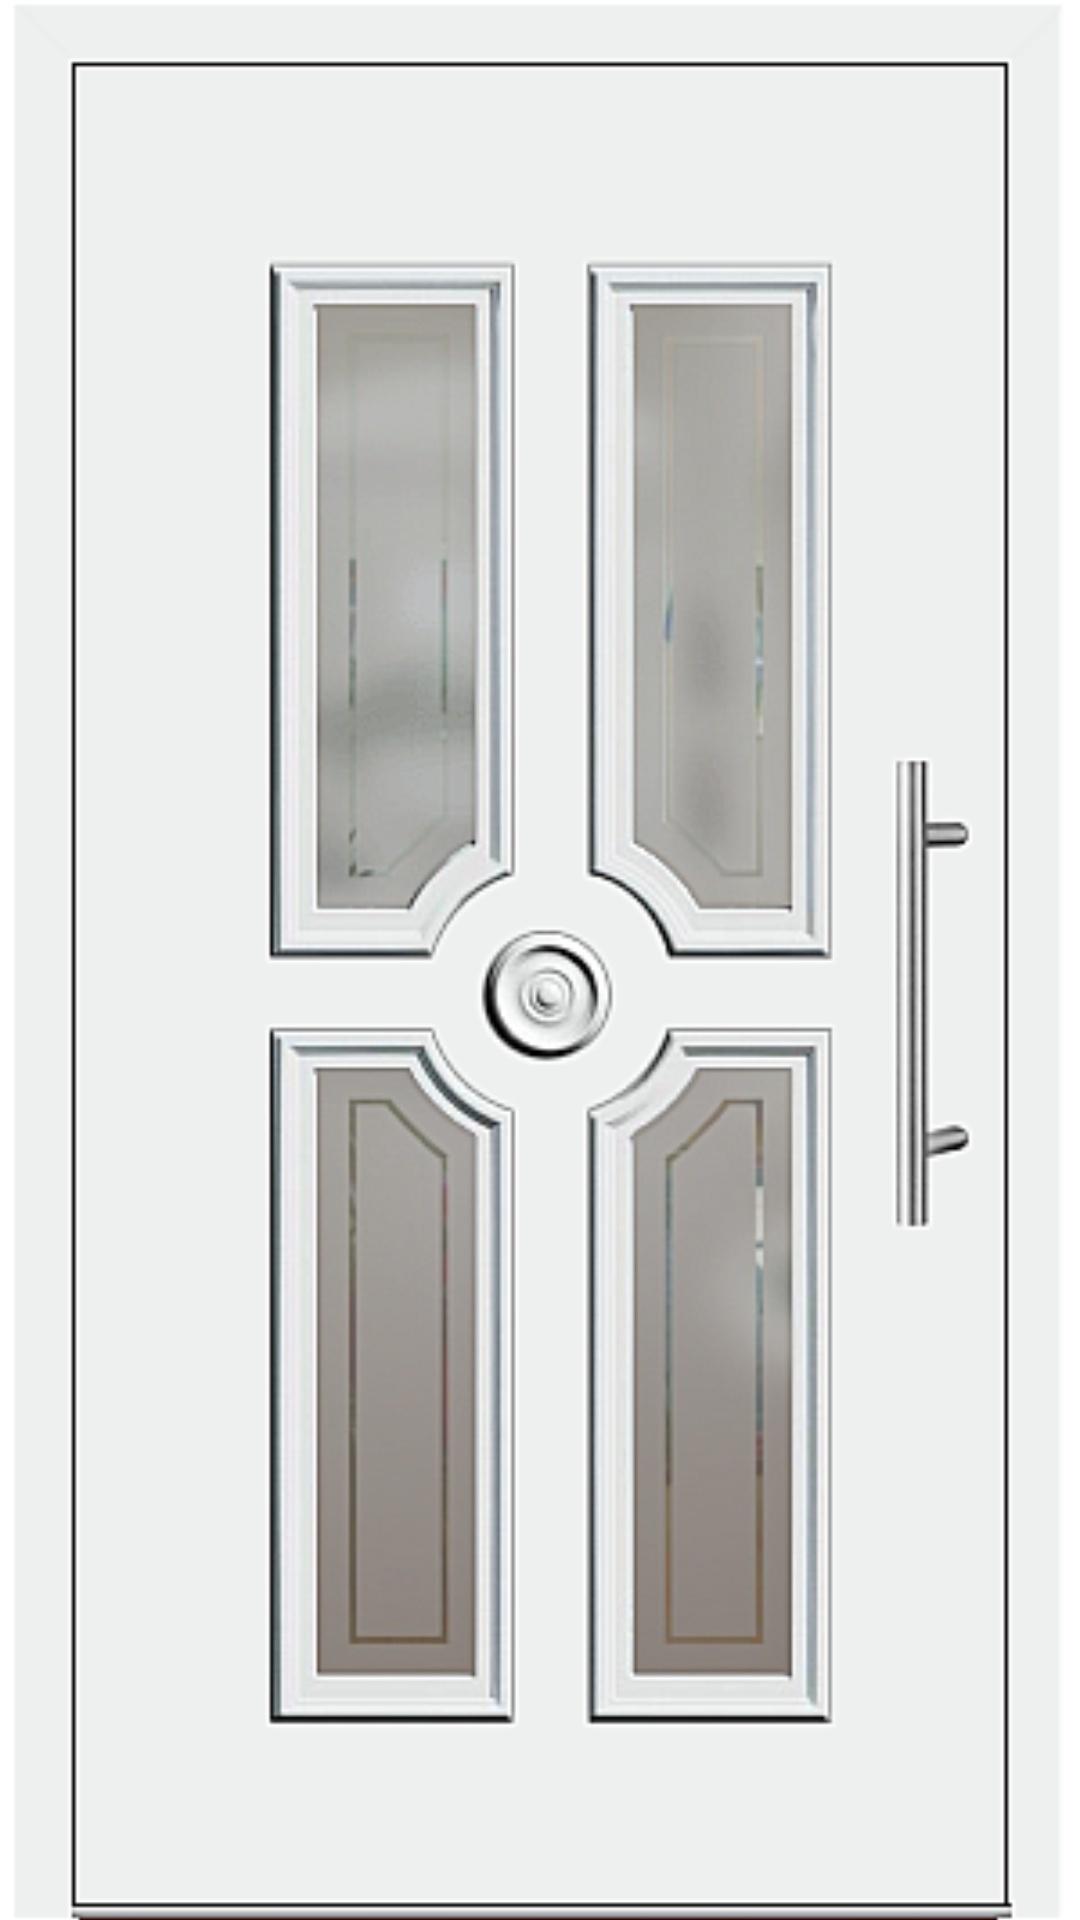 Kunststoff Haustür Modell 208-20 weiß